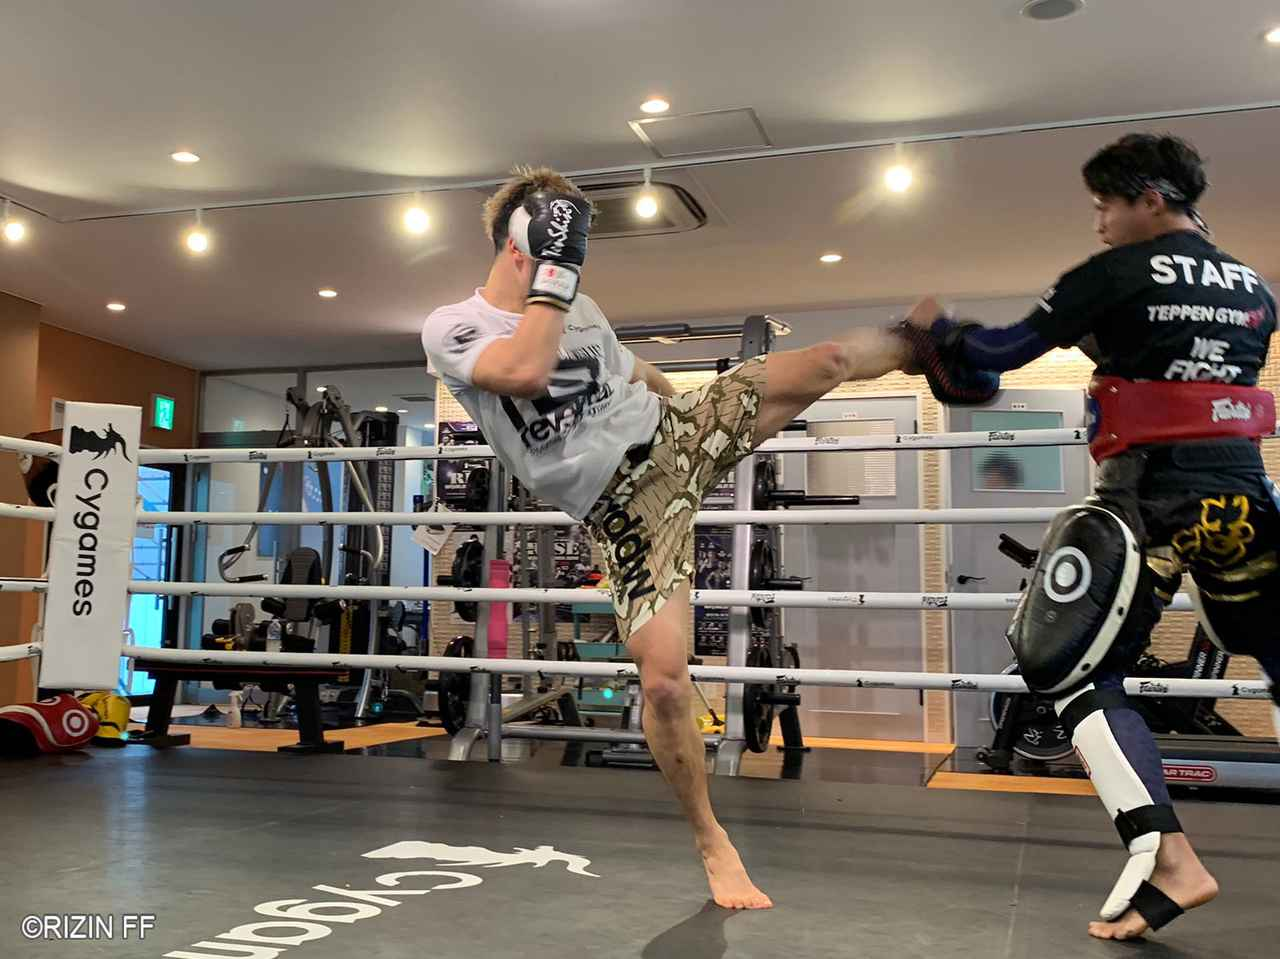 画像: 左ミドルの連打、後ろ回し蹴り、前蹴りと変幻自在の足技を見せる